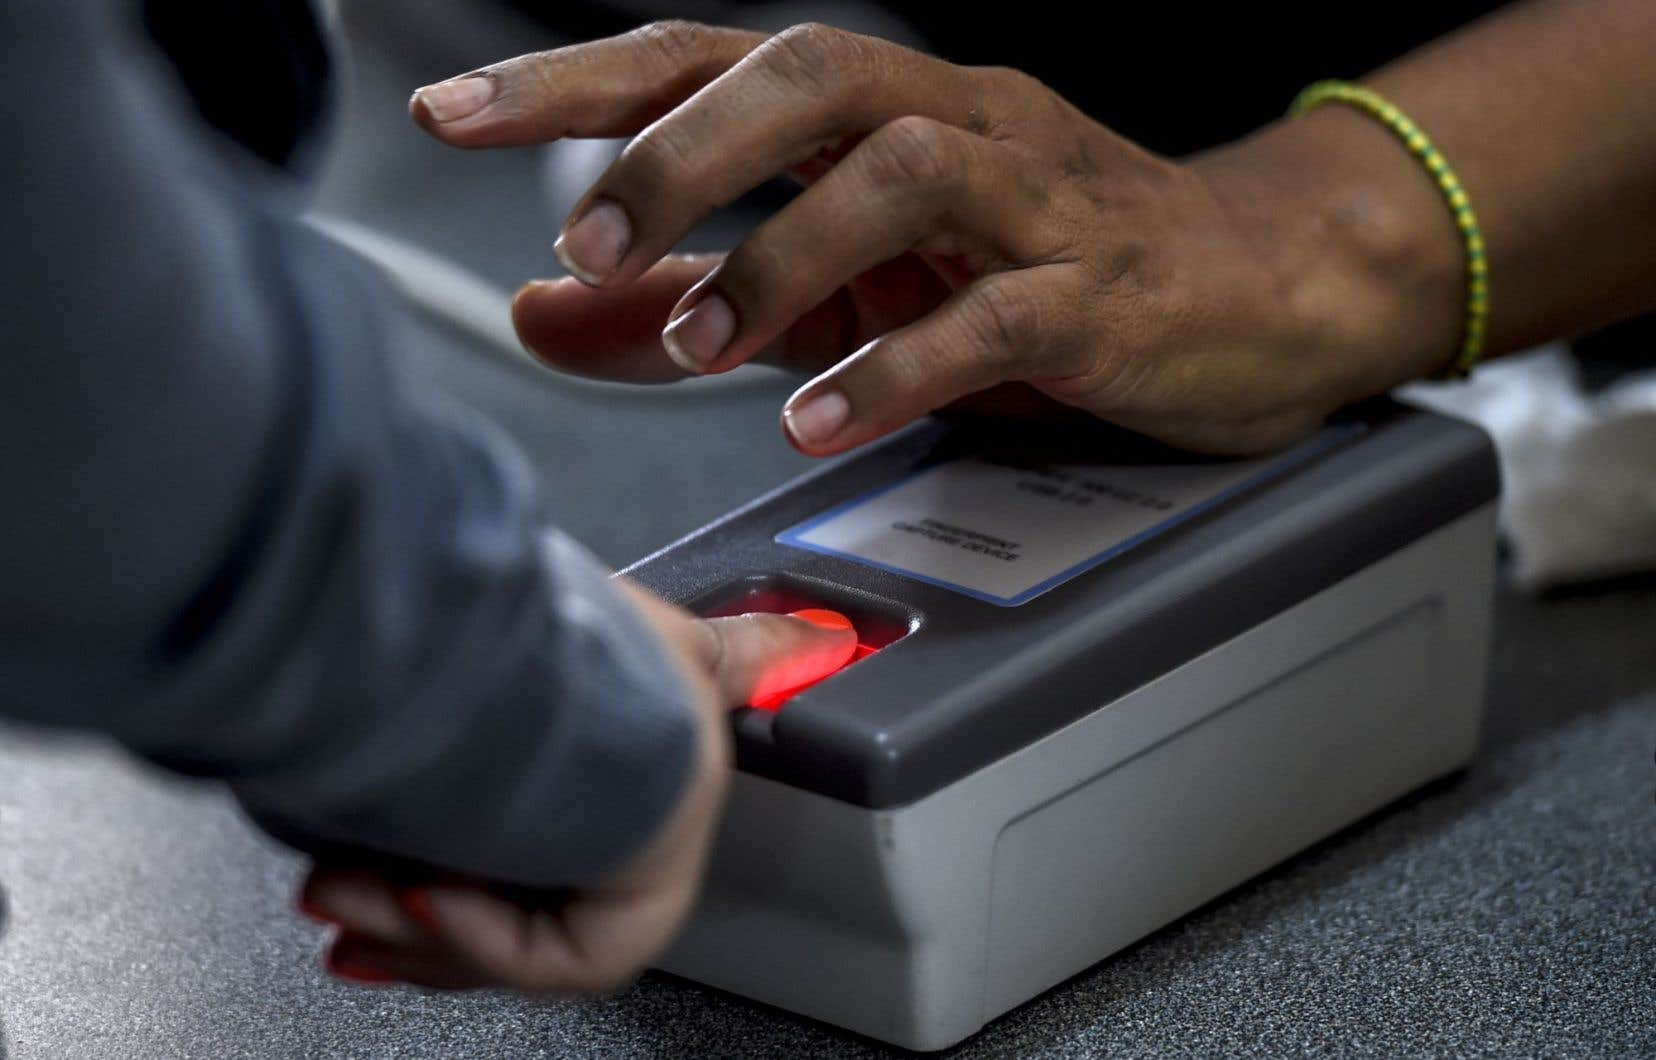 Toute personne qui souhaitera avoir accès aux équipements techniques de l'ONF devra désormais fournir ses empreintes digitales.